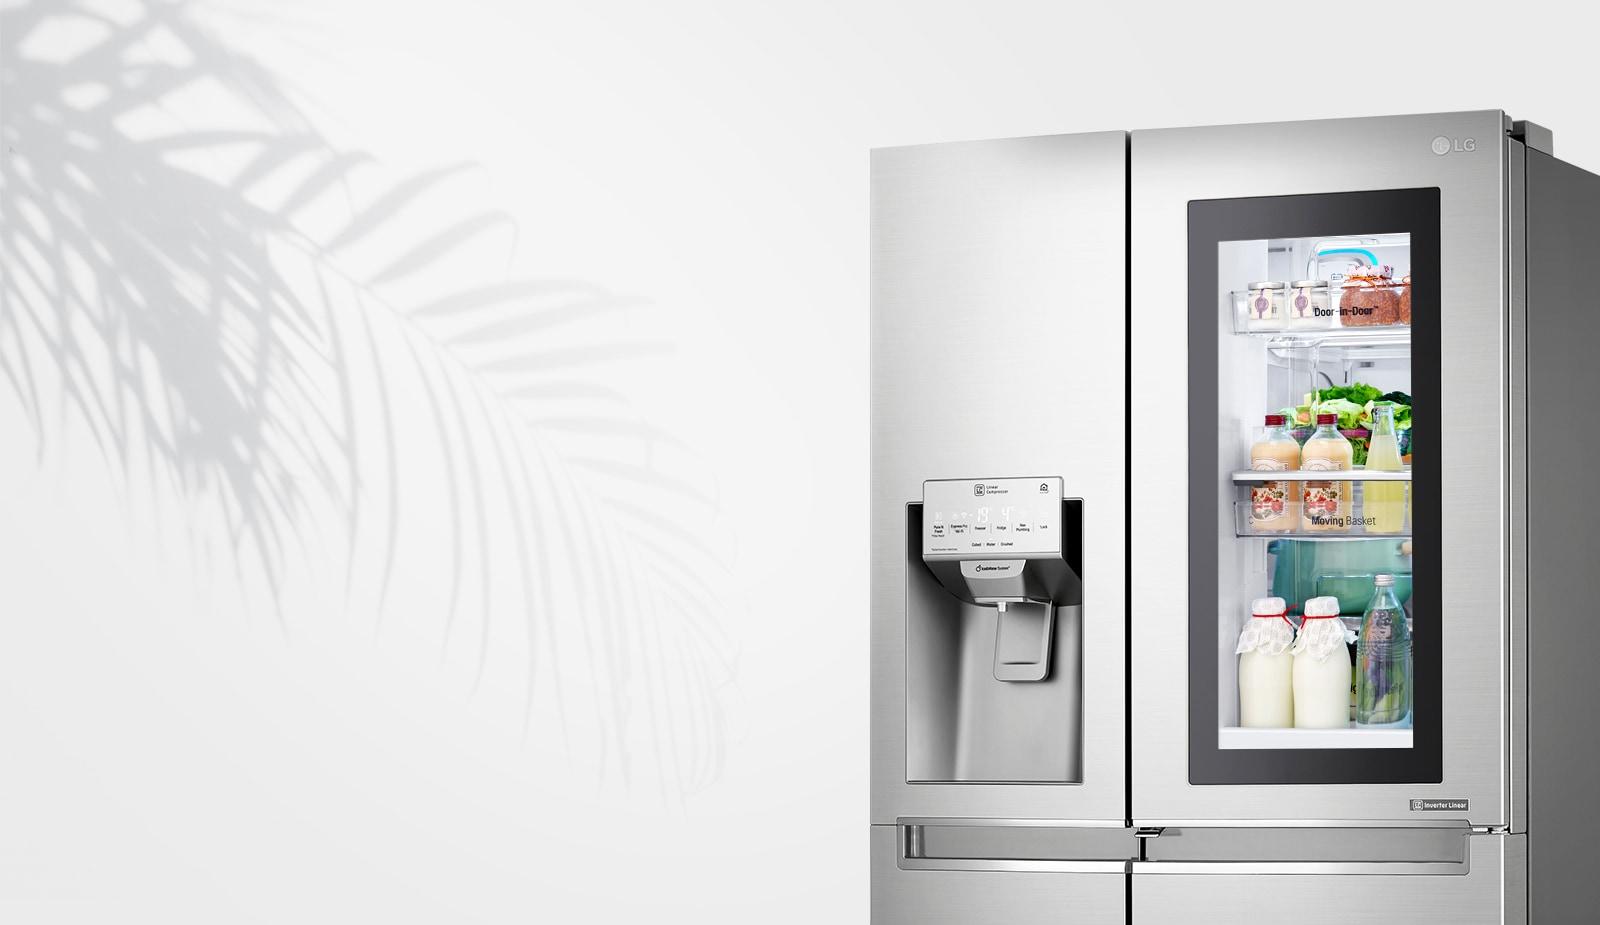 InstaView™ Door-in-Door™/nl/images/RF/features/REF-P-Veyron6-Refresh-InstaView-NobleSteel-Non-Plumbing-02-2-InstaView-220819-D.jpg